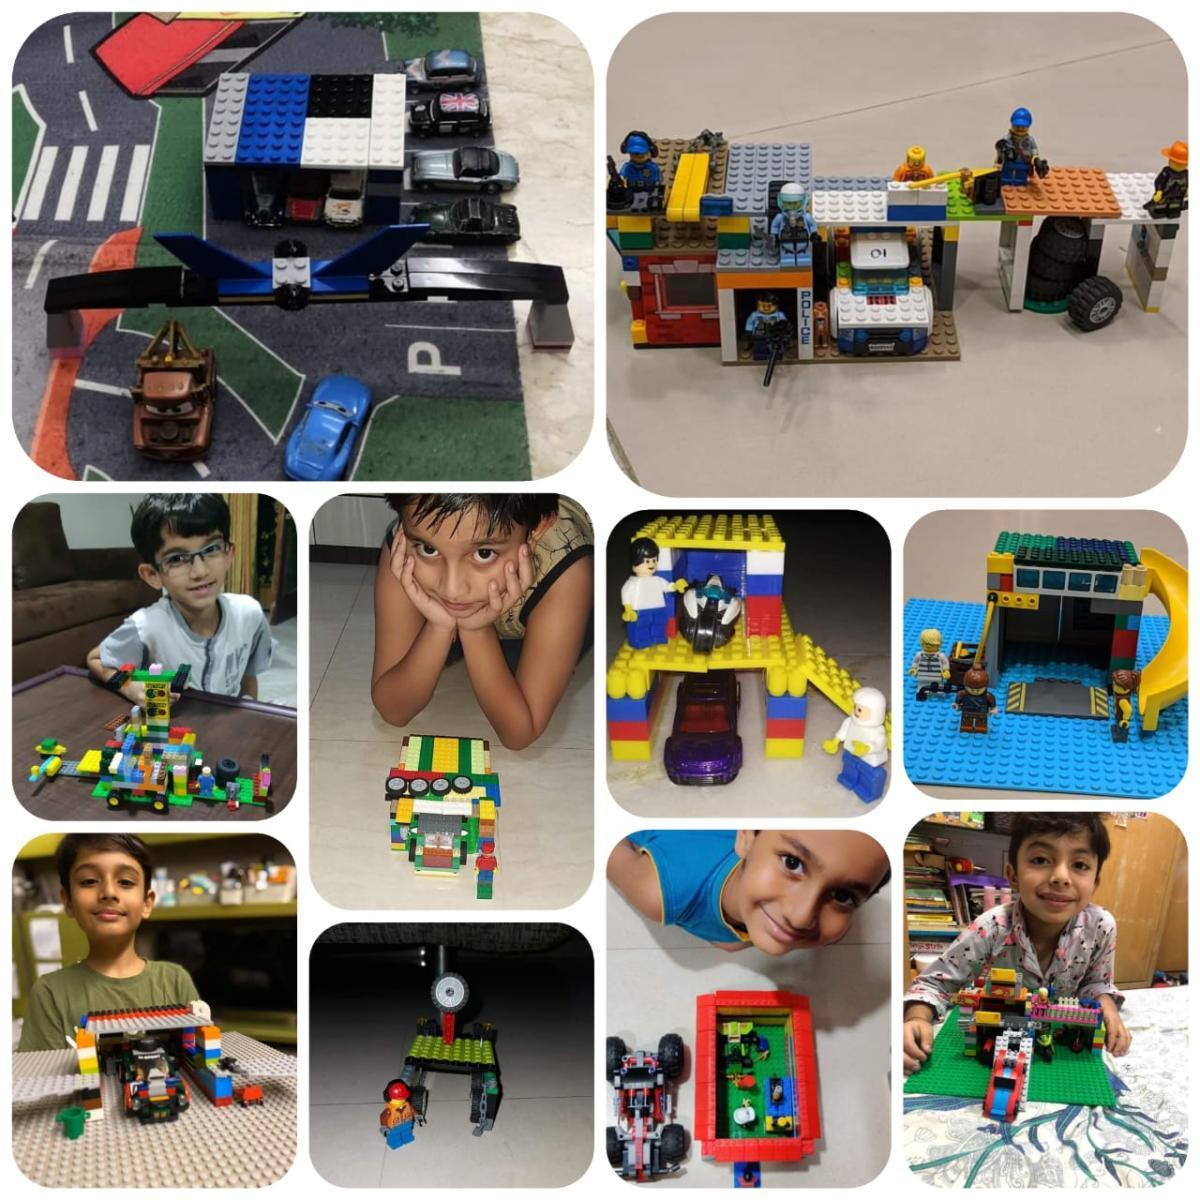 lego-india (1) (1) (1)